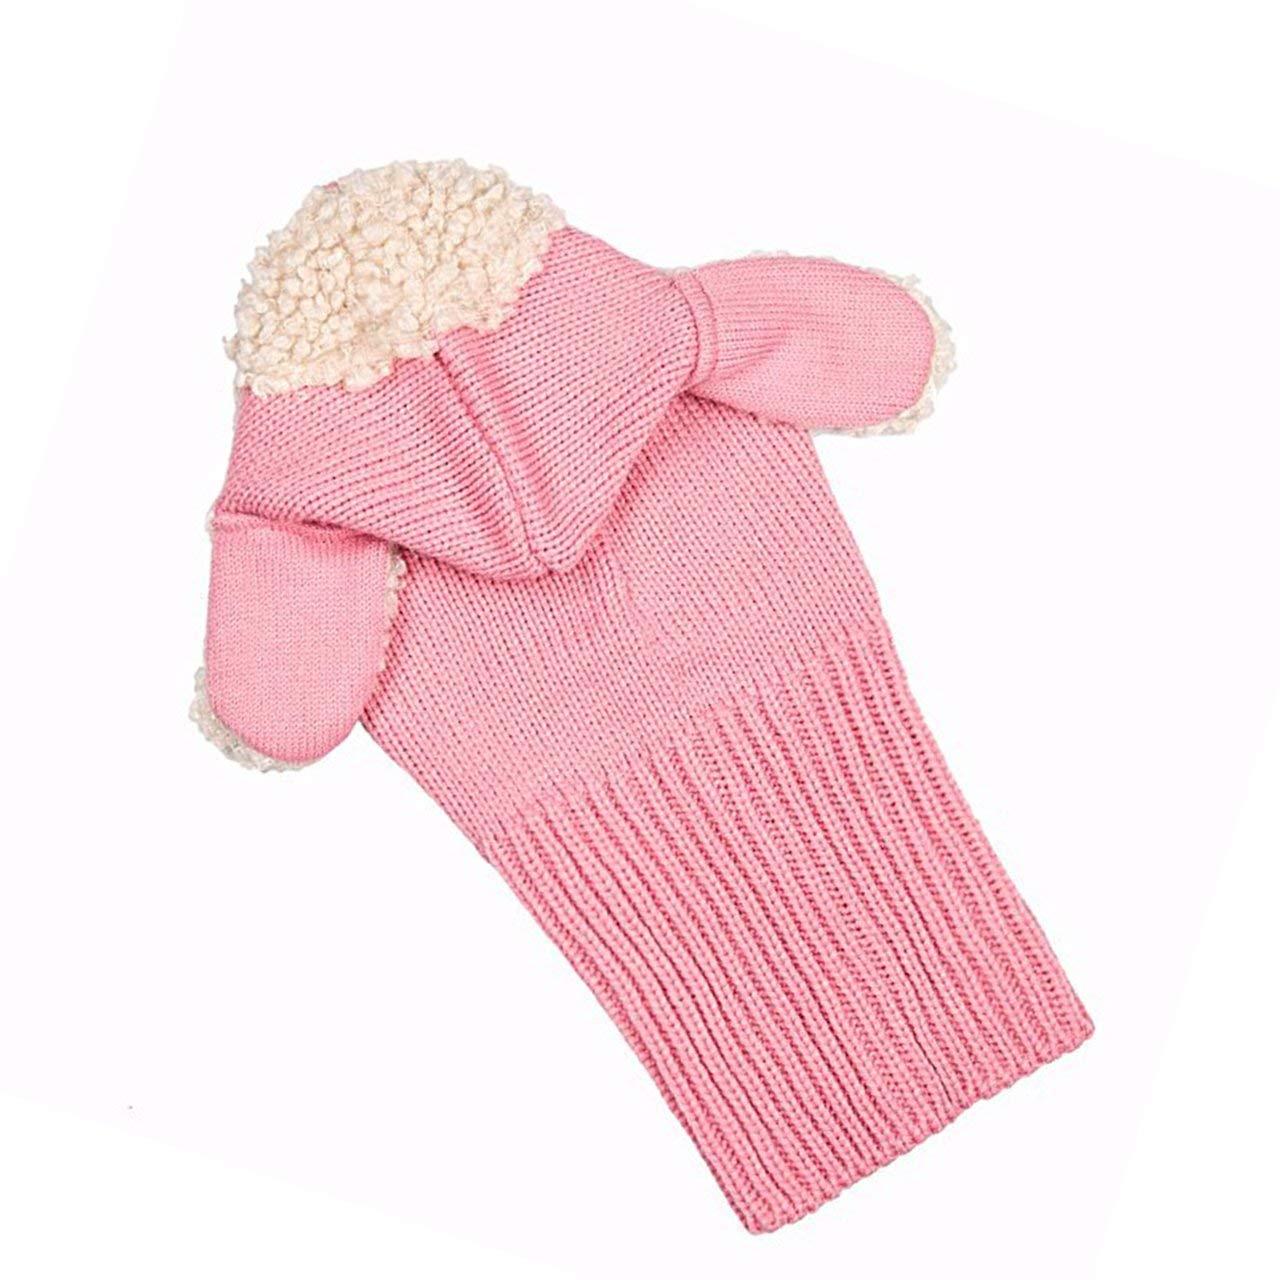 Sefon/_Bwomen Inverno Bambini delle Ragazze dei Neonati Caldi Coif Lana Berretti Sciarpe Cappelli Cappuccio